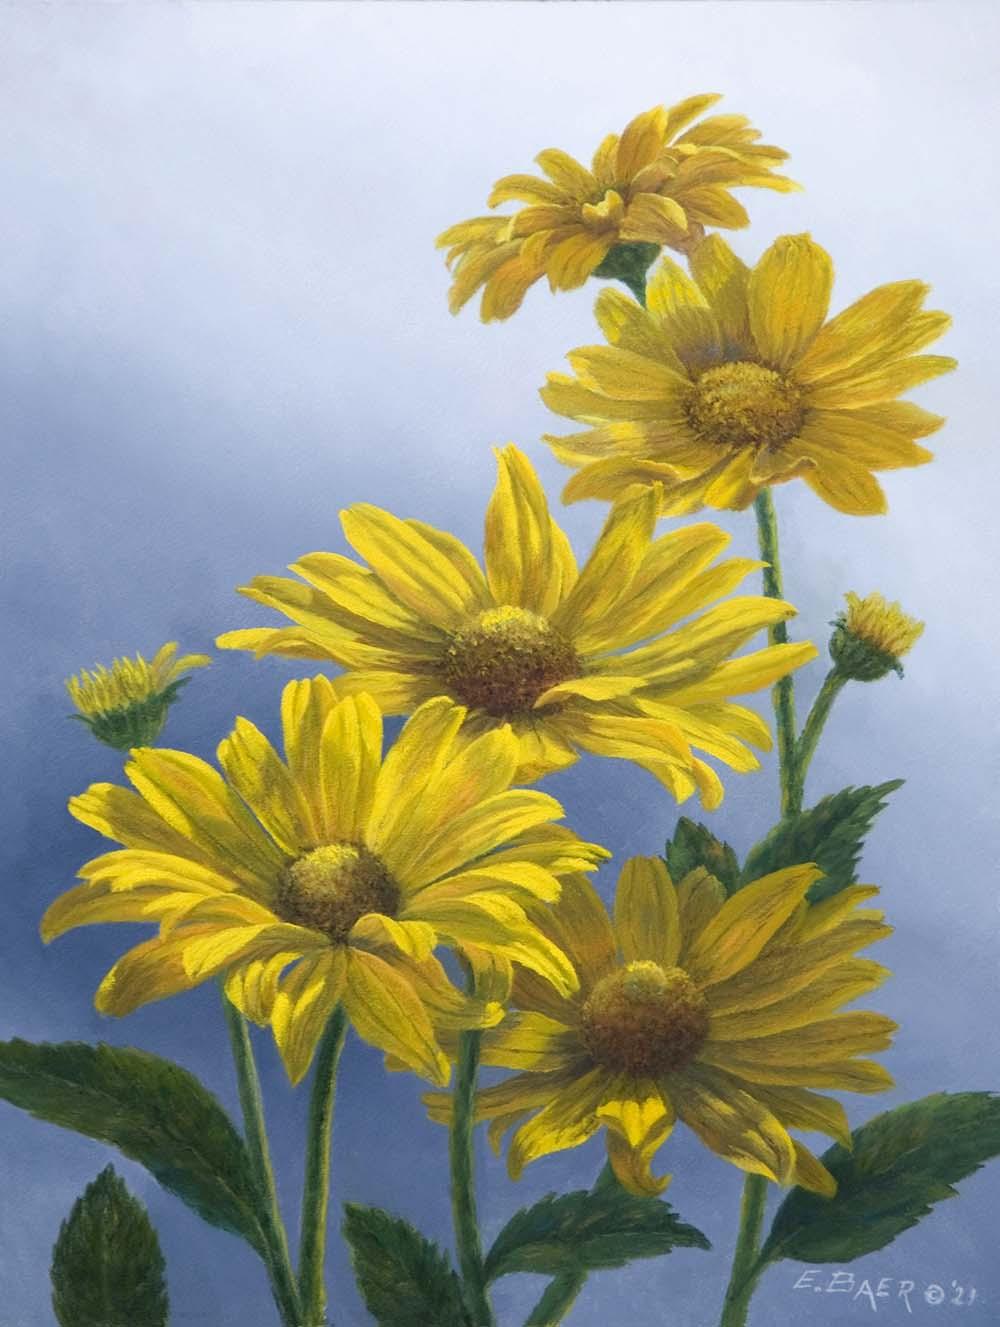 False Sunflowers (Heliopsis) - Elsie Baer